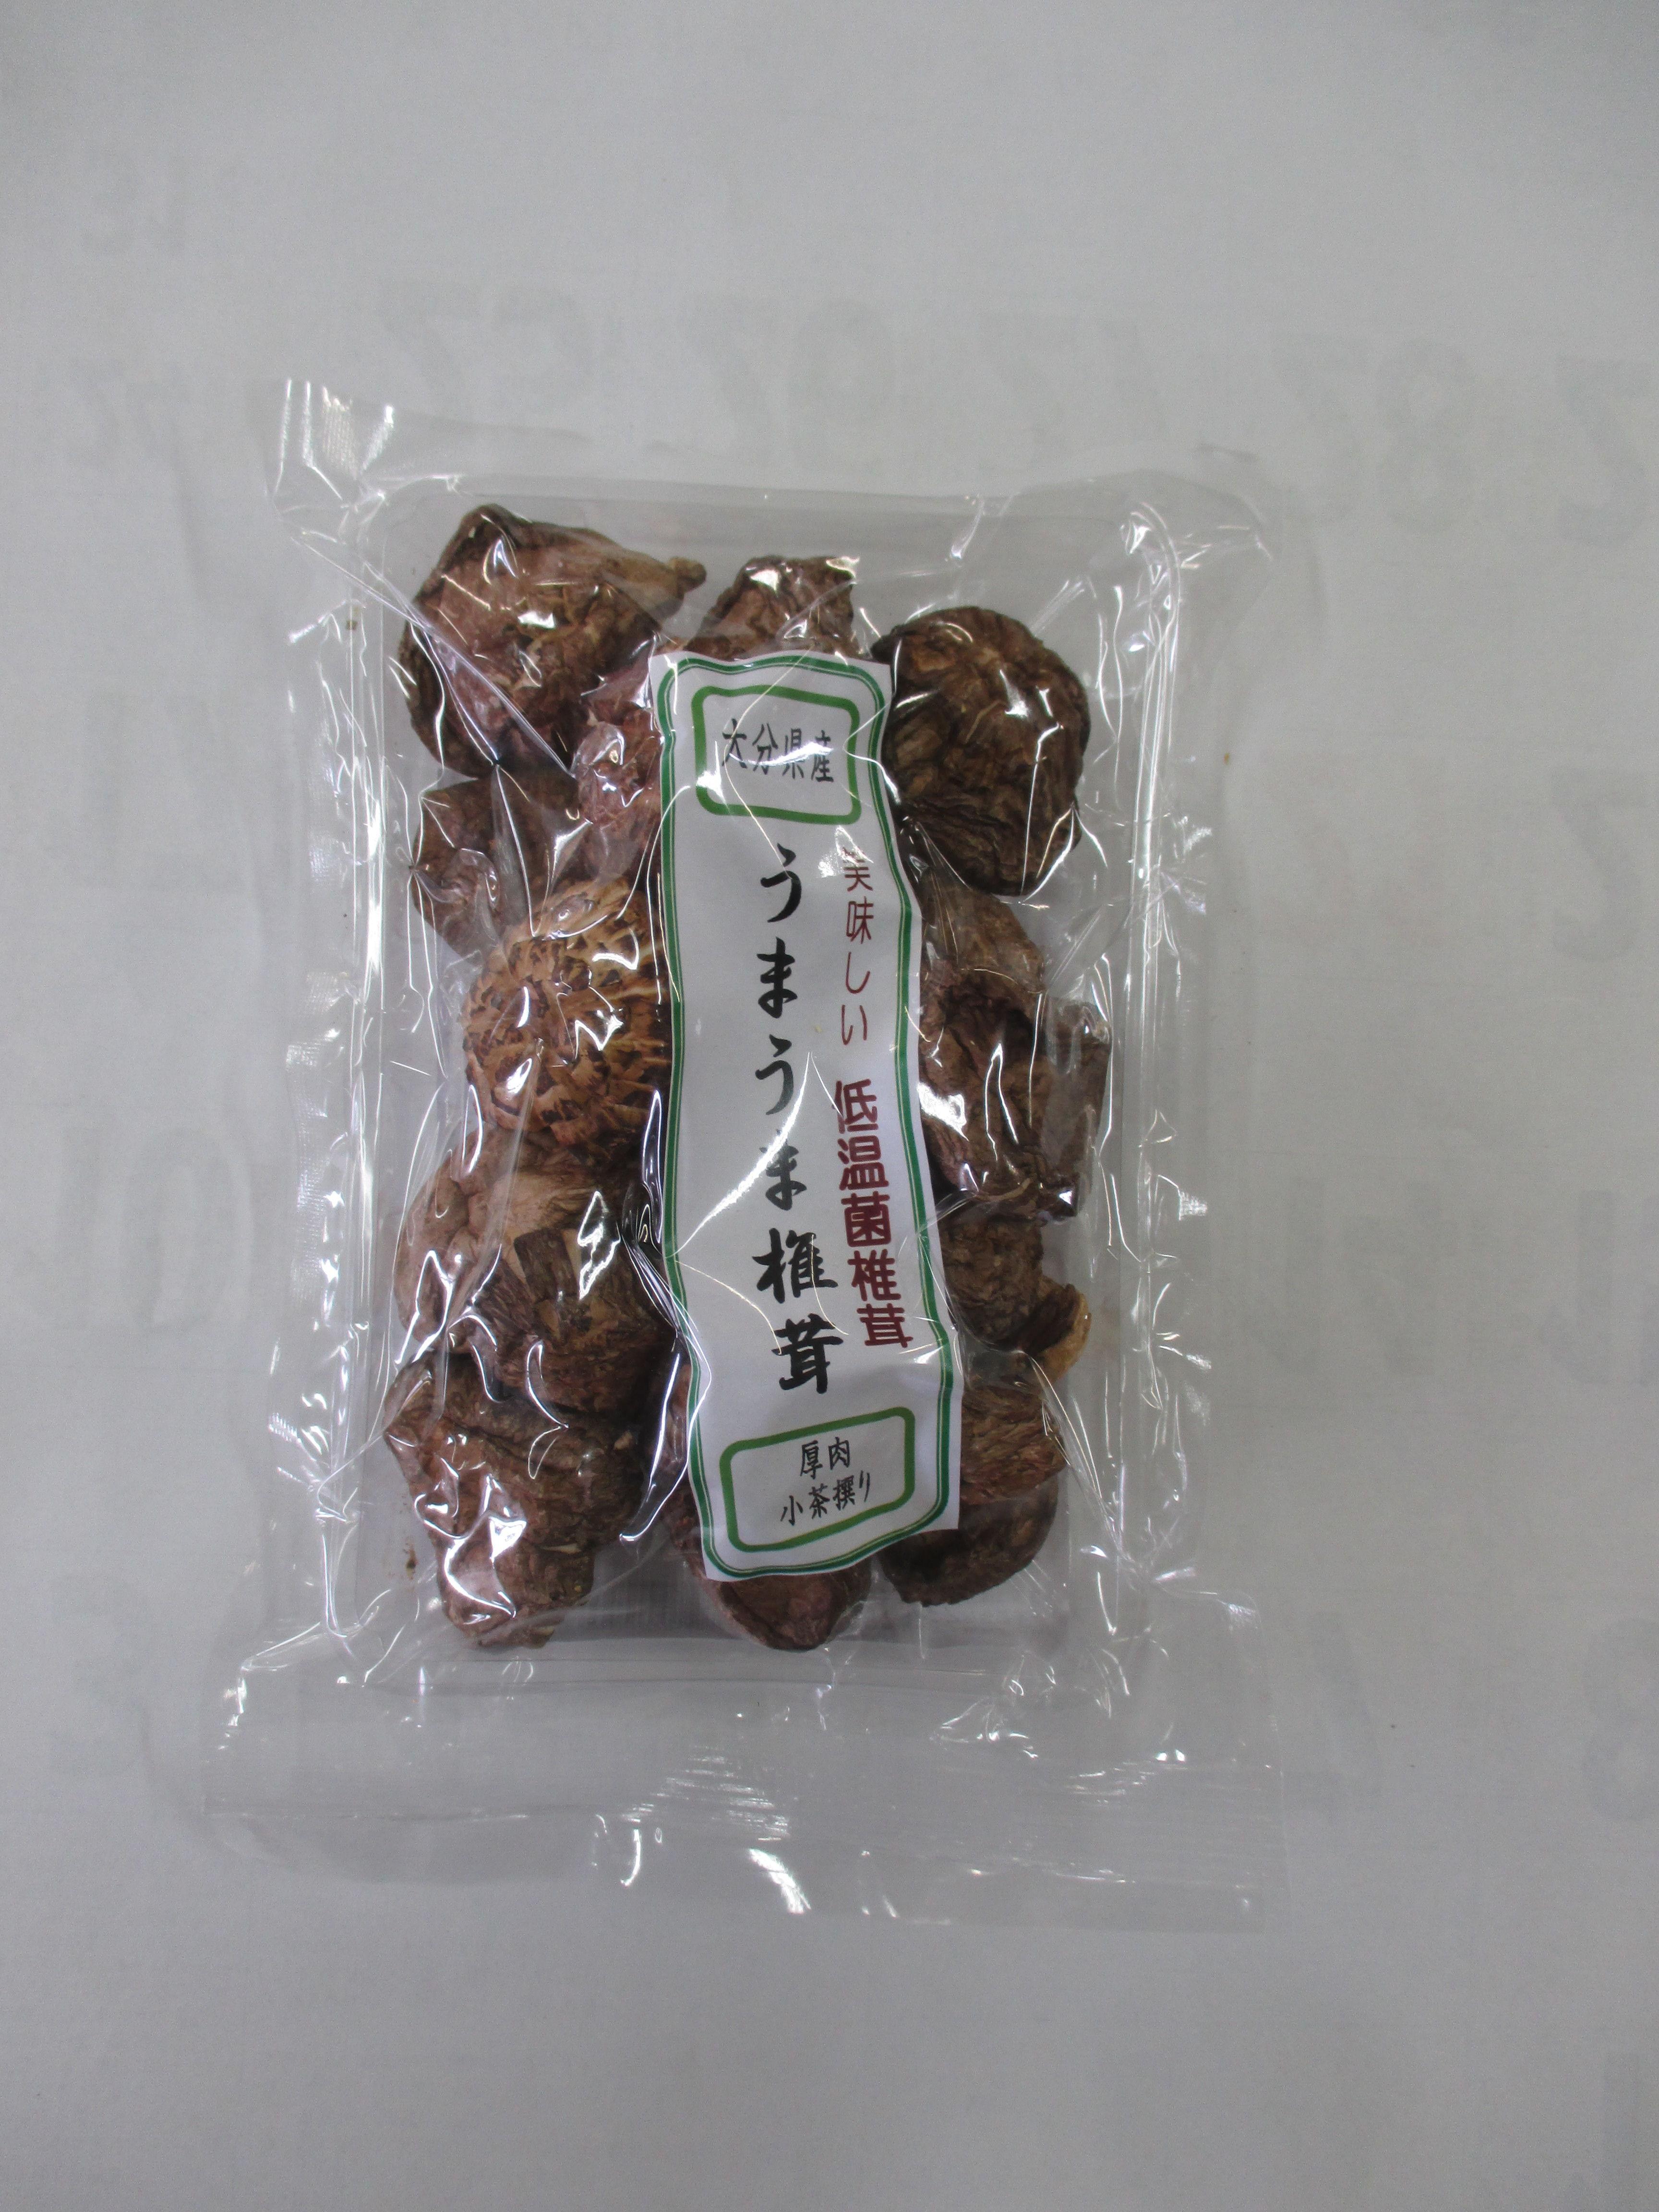 大分県産うまうま椎茸 厚肉小茶選 40g